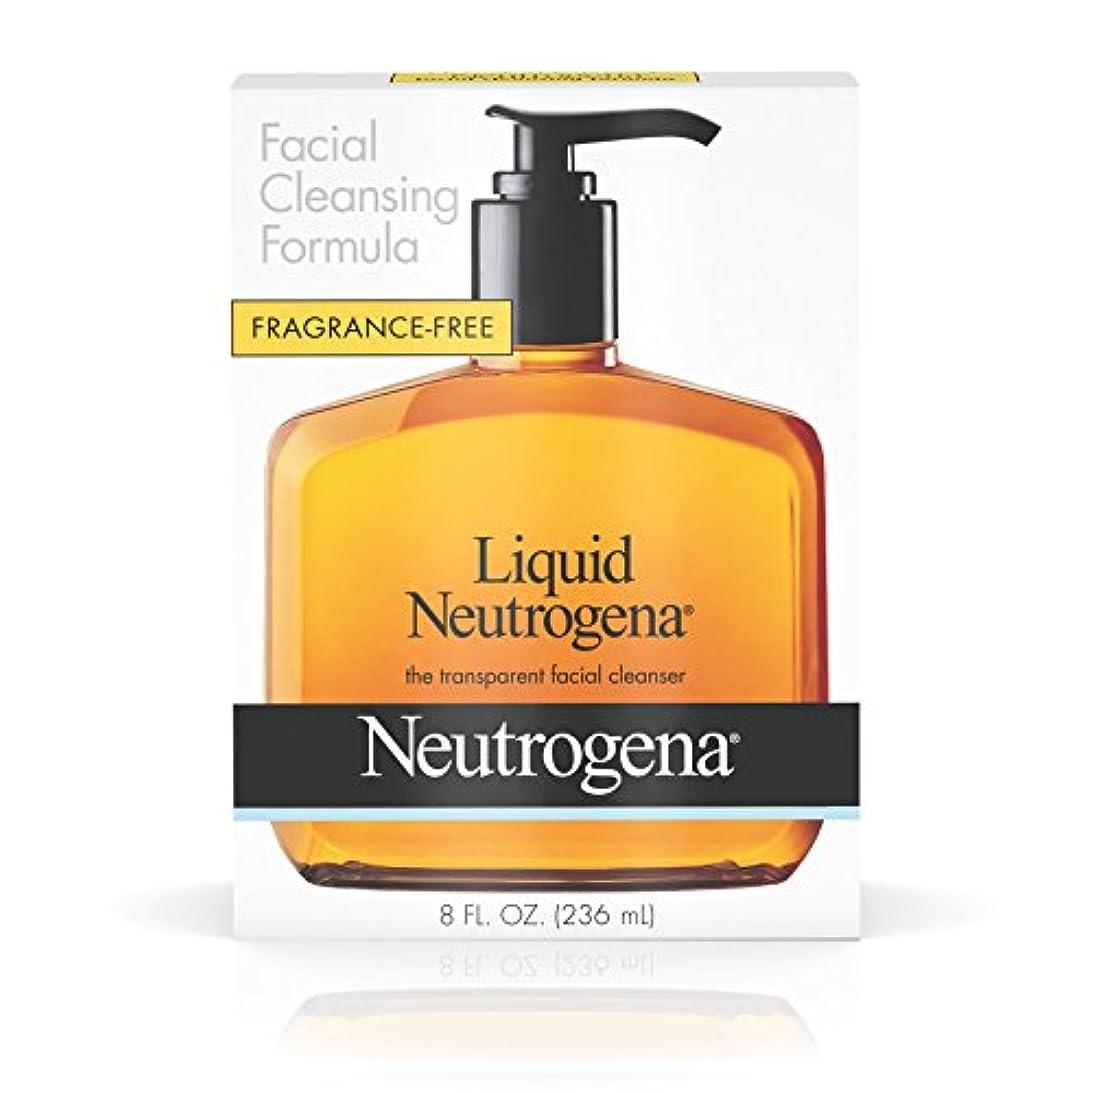 投資エピソード霊Neutrogena 液体洗顔式、8フロリダ。オンス